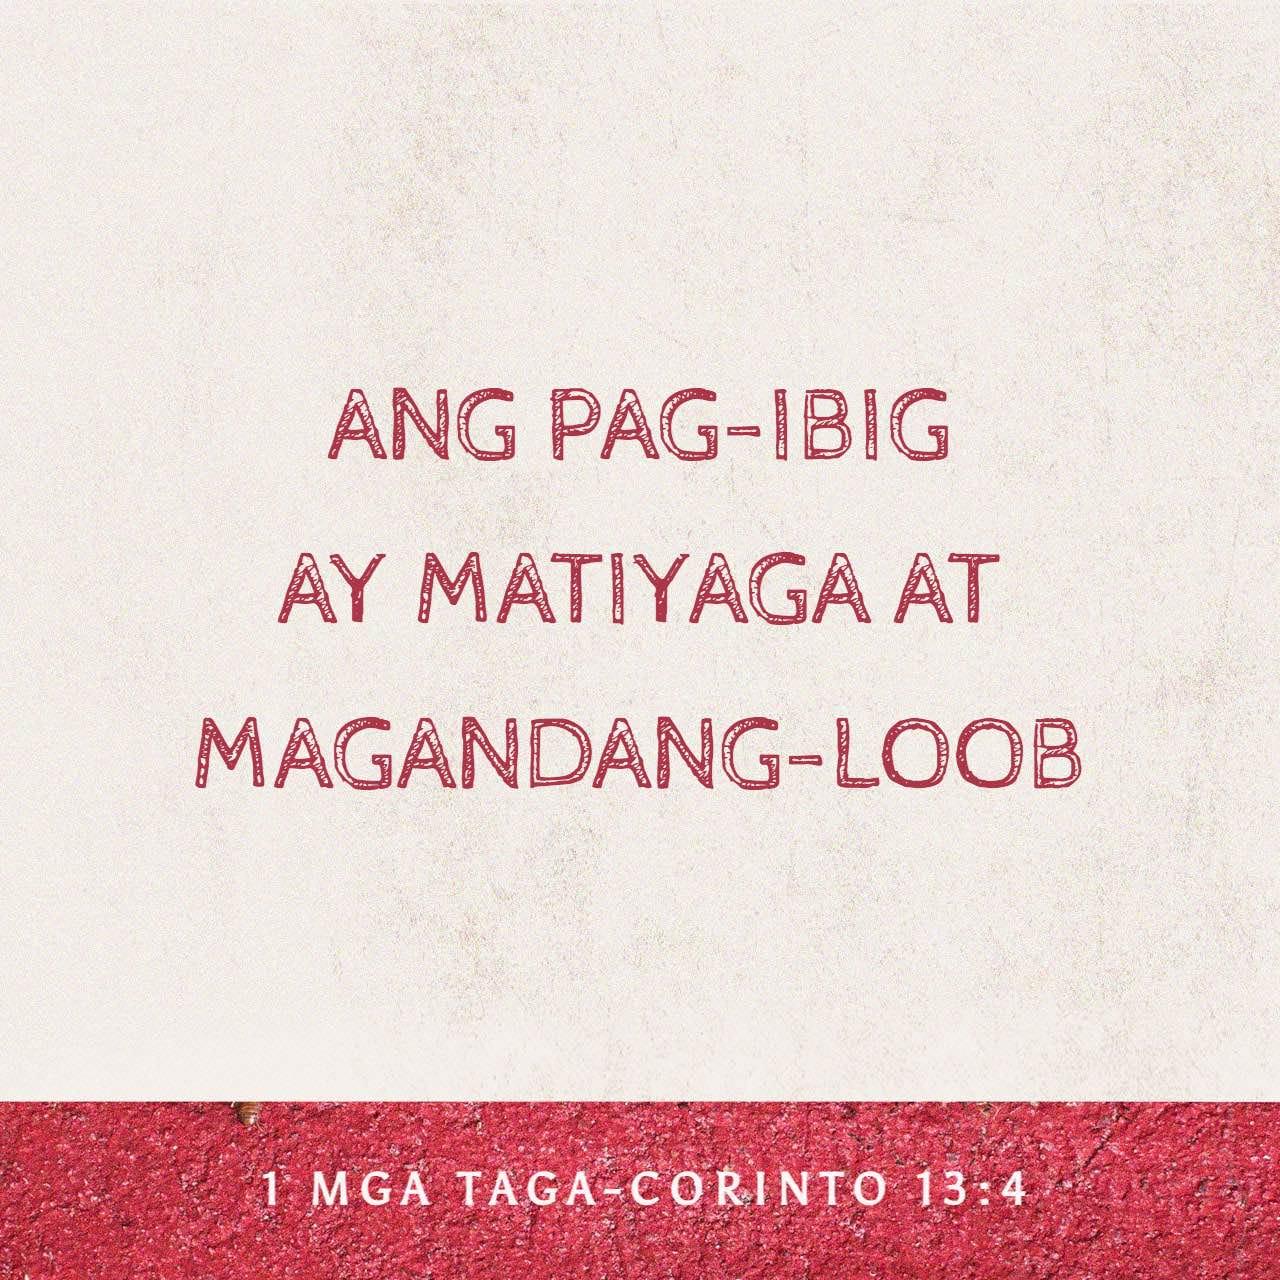 Ang pag-ibig ay matiyaga at magandang-loob. - 1 Mga Taga-Corinto 13:4 - Bersikulong Larawan